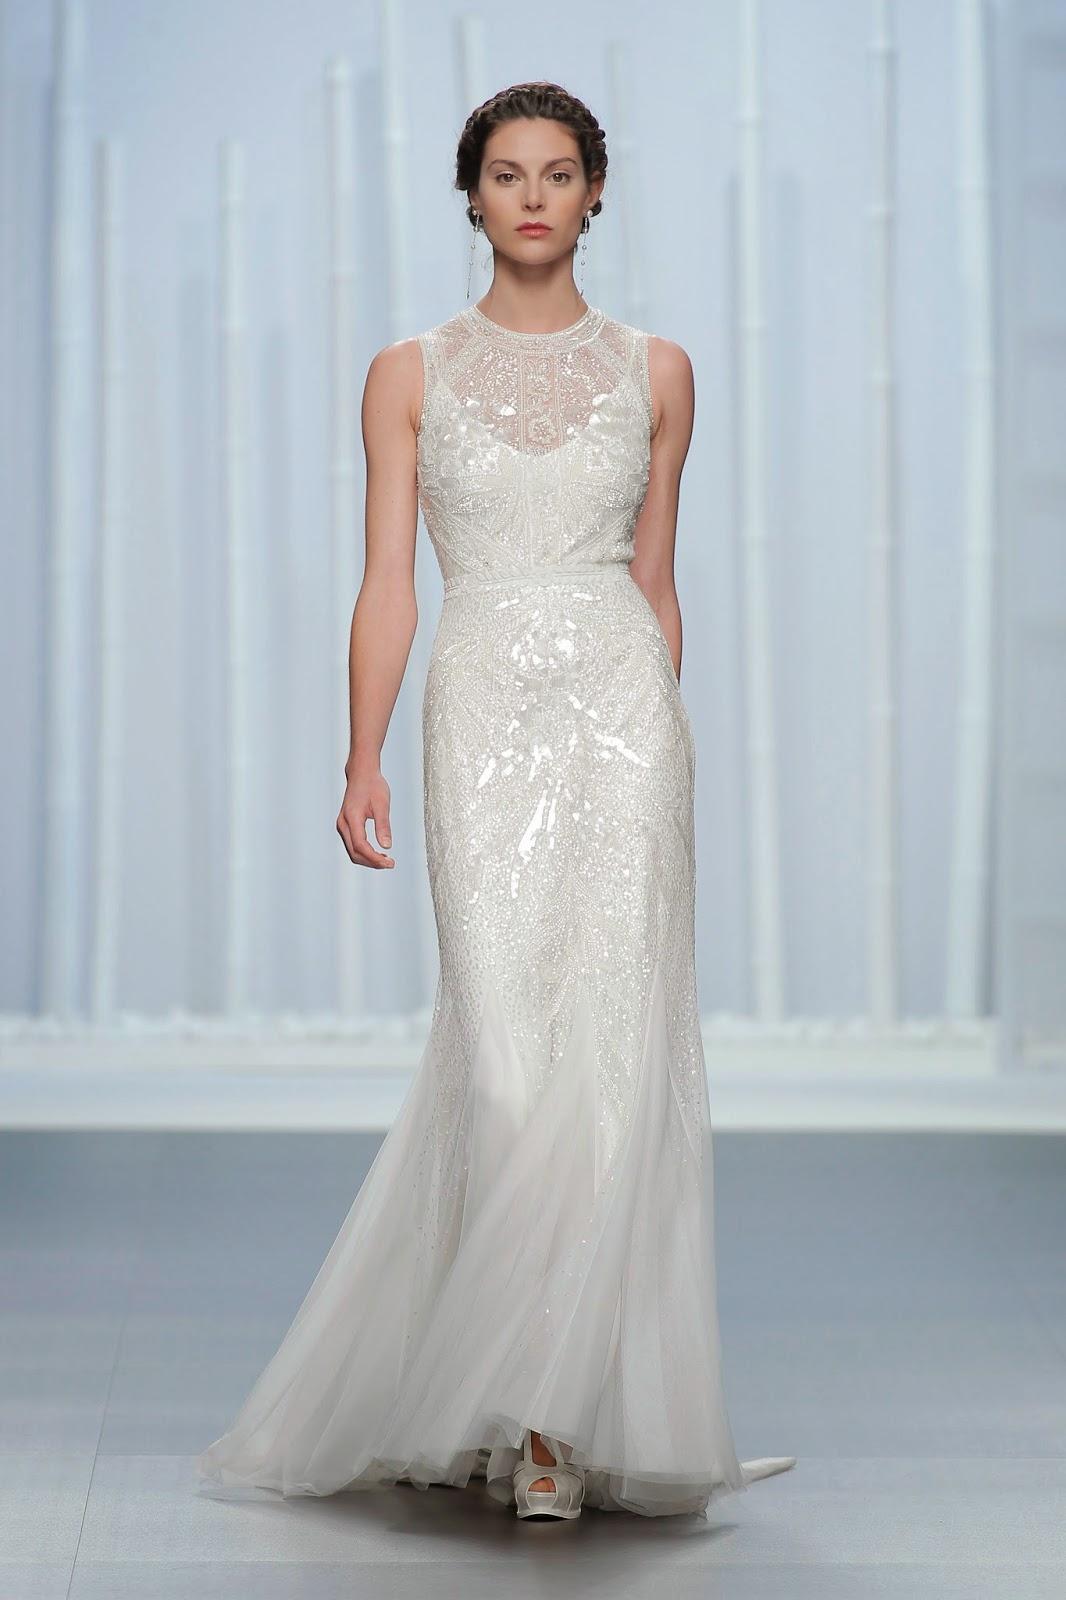 BODAS DE ALTA COSTURA: La nueva colección de vestidos de novia Rosa ...